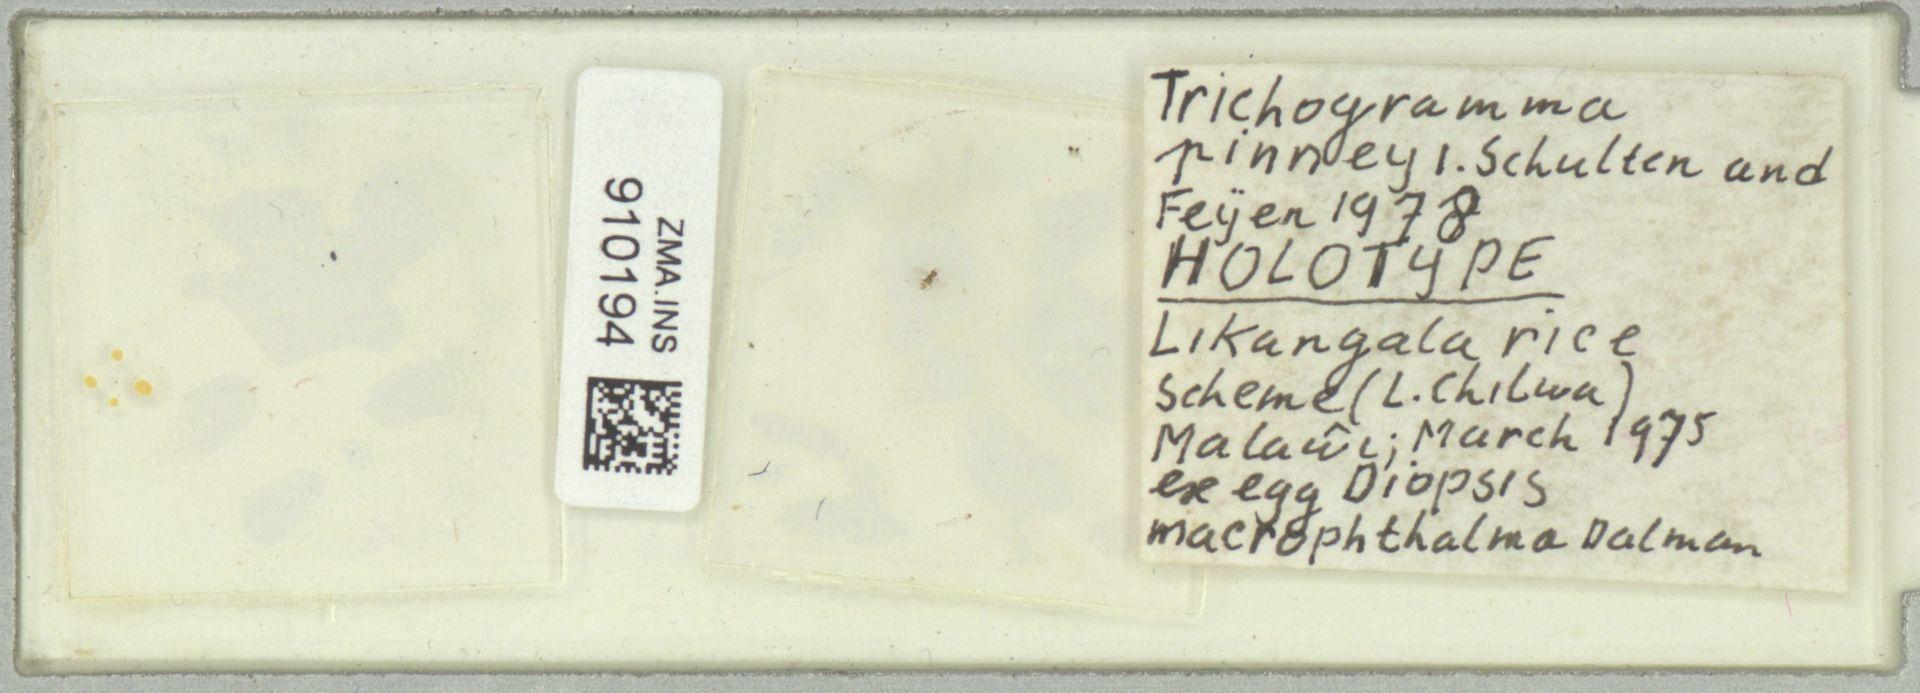 ZMA.INS.910194 | Trichogramma pinneyli Schulten & Feijen 1978